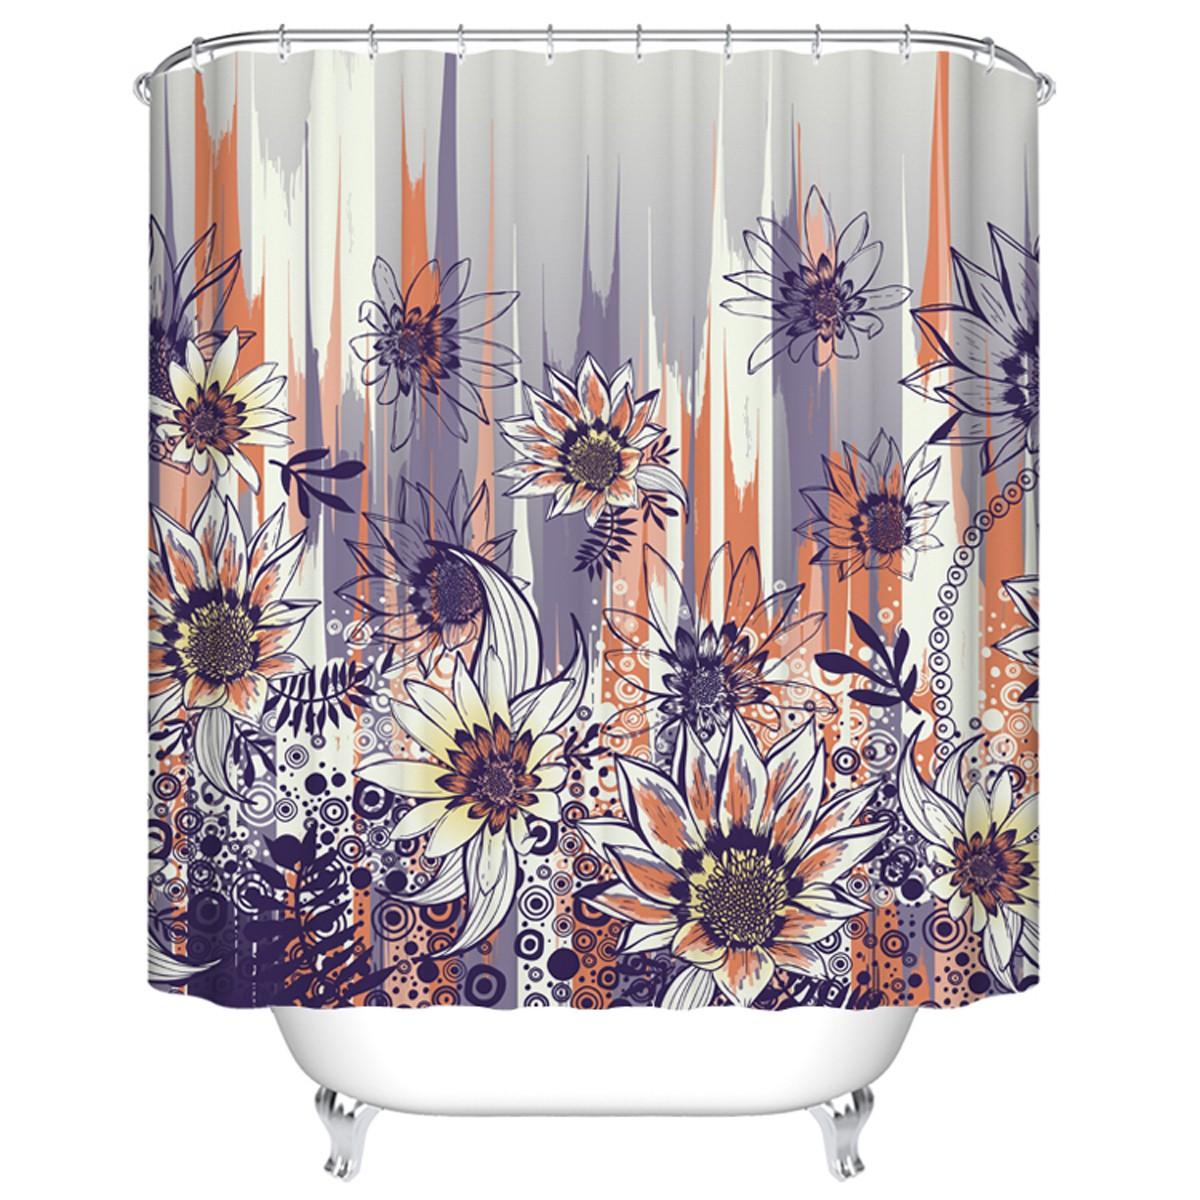 Rideau de douche imperm able pour salle de bain 70 l x for Rideau de salle de bain